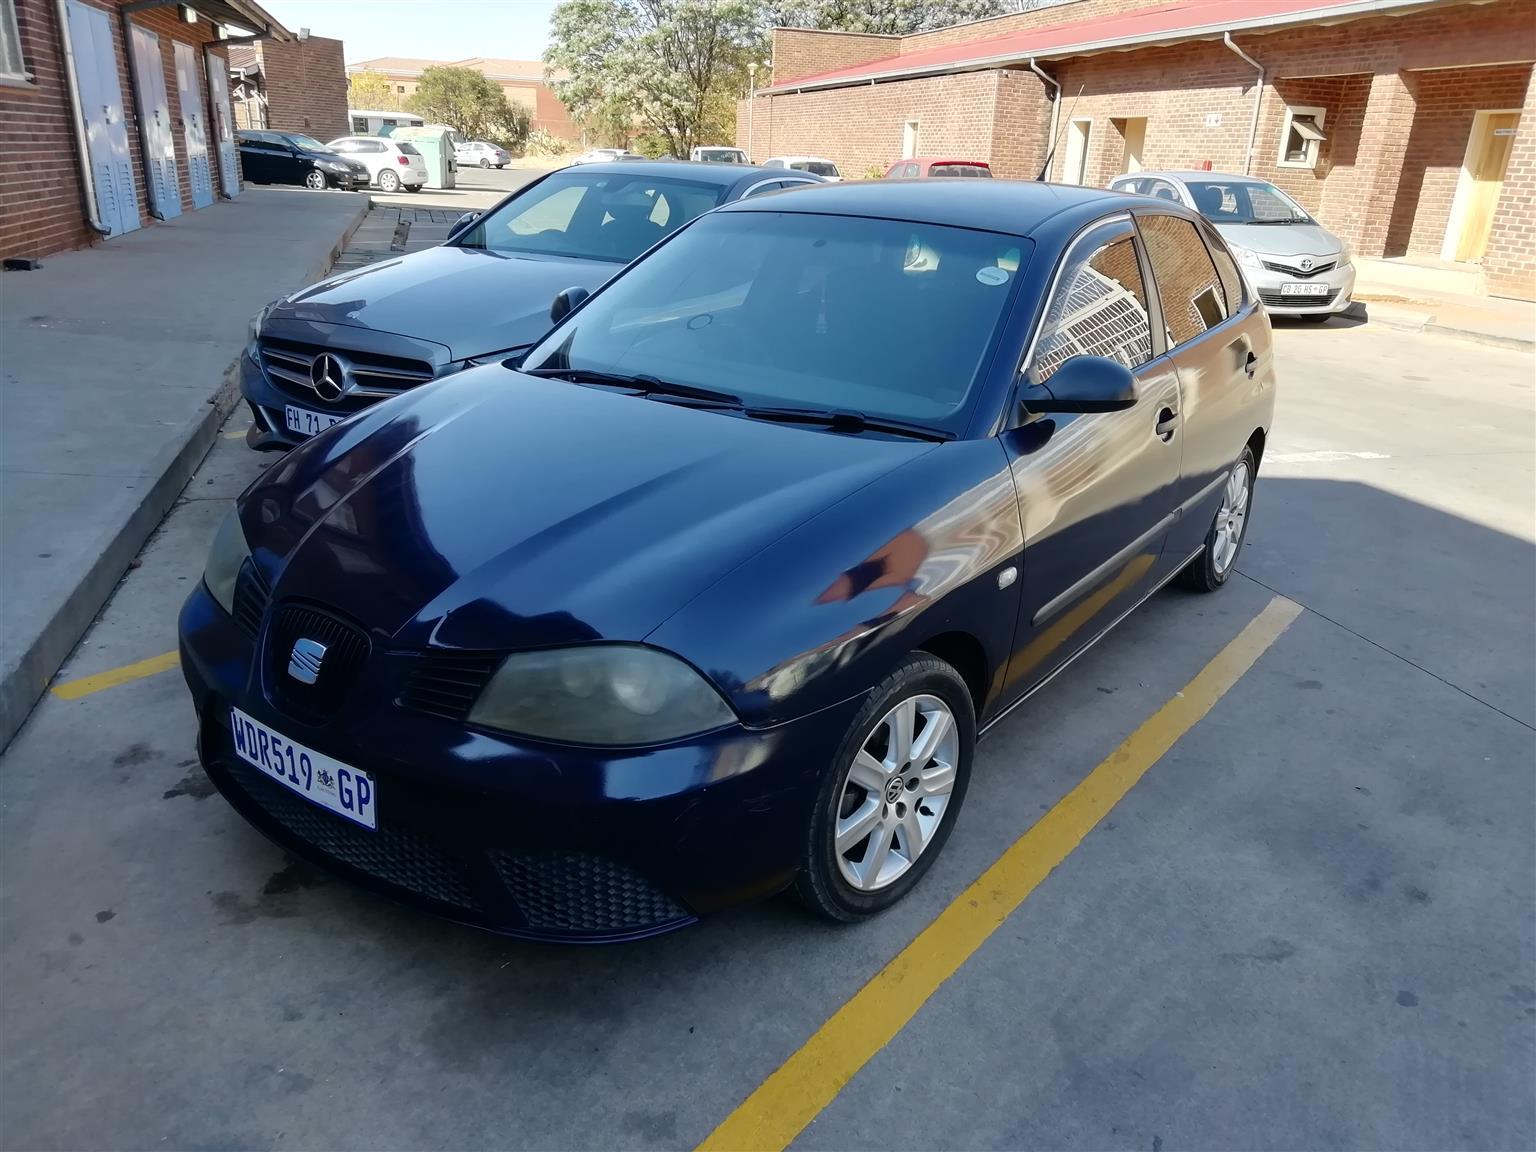 2007 Seat Ibiza 1.4 5 door